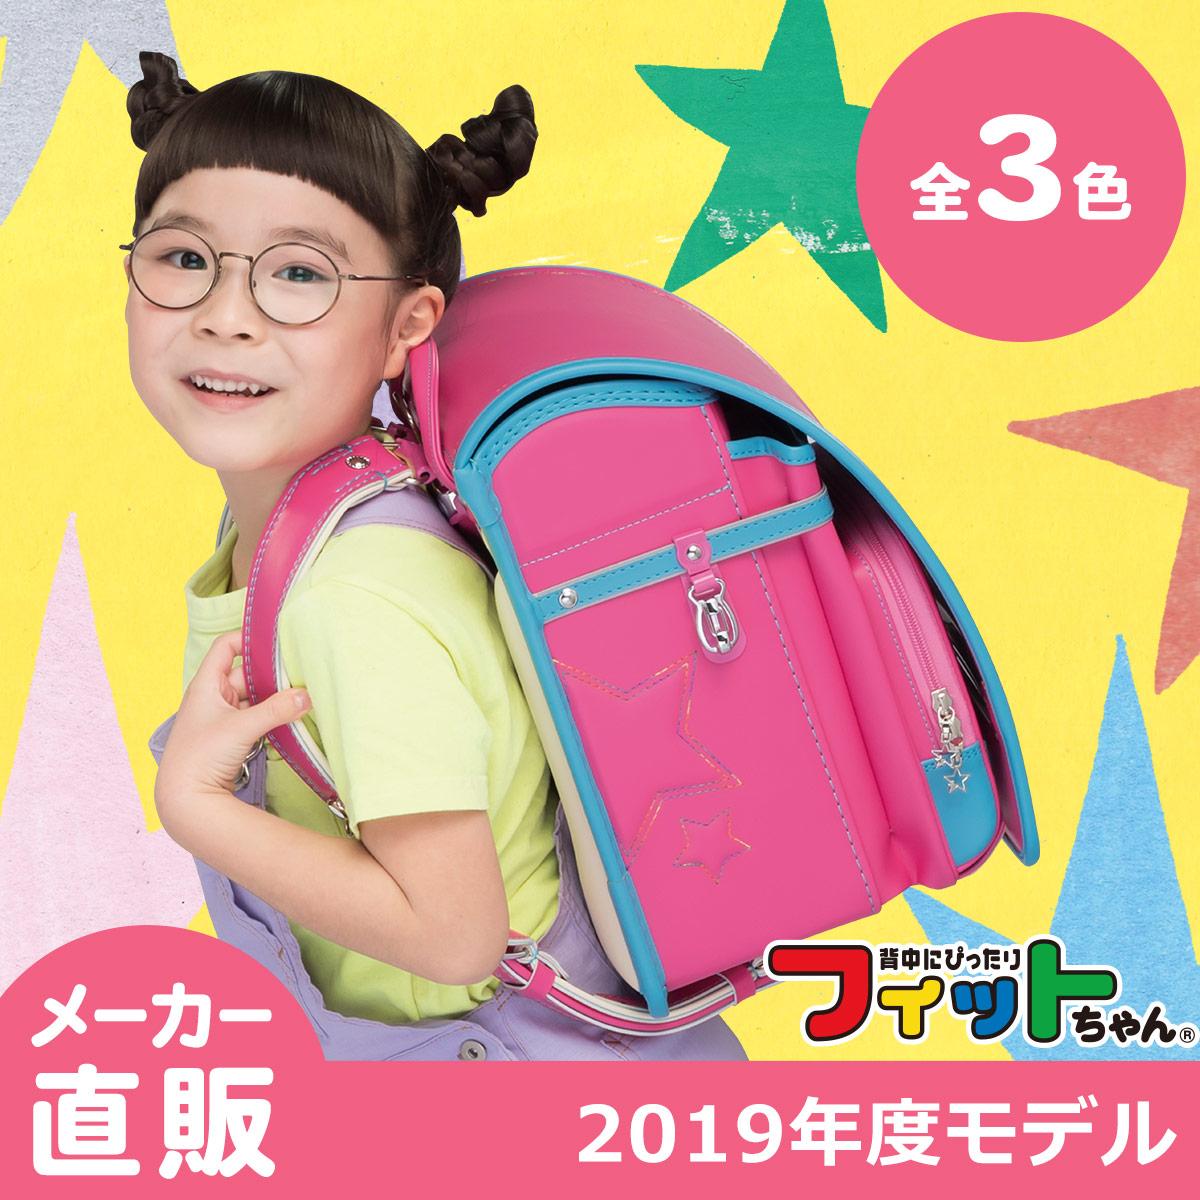 フィットちゃんランドセル 女の子 ポップガール(FIT-219Z)2019年モデル フィットちゃんランドセルA4フラットファイル収納サイズ